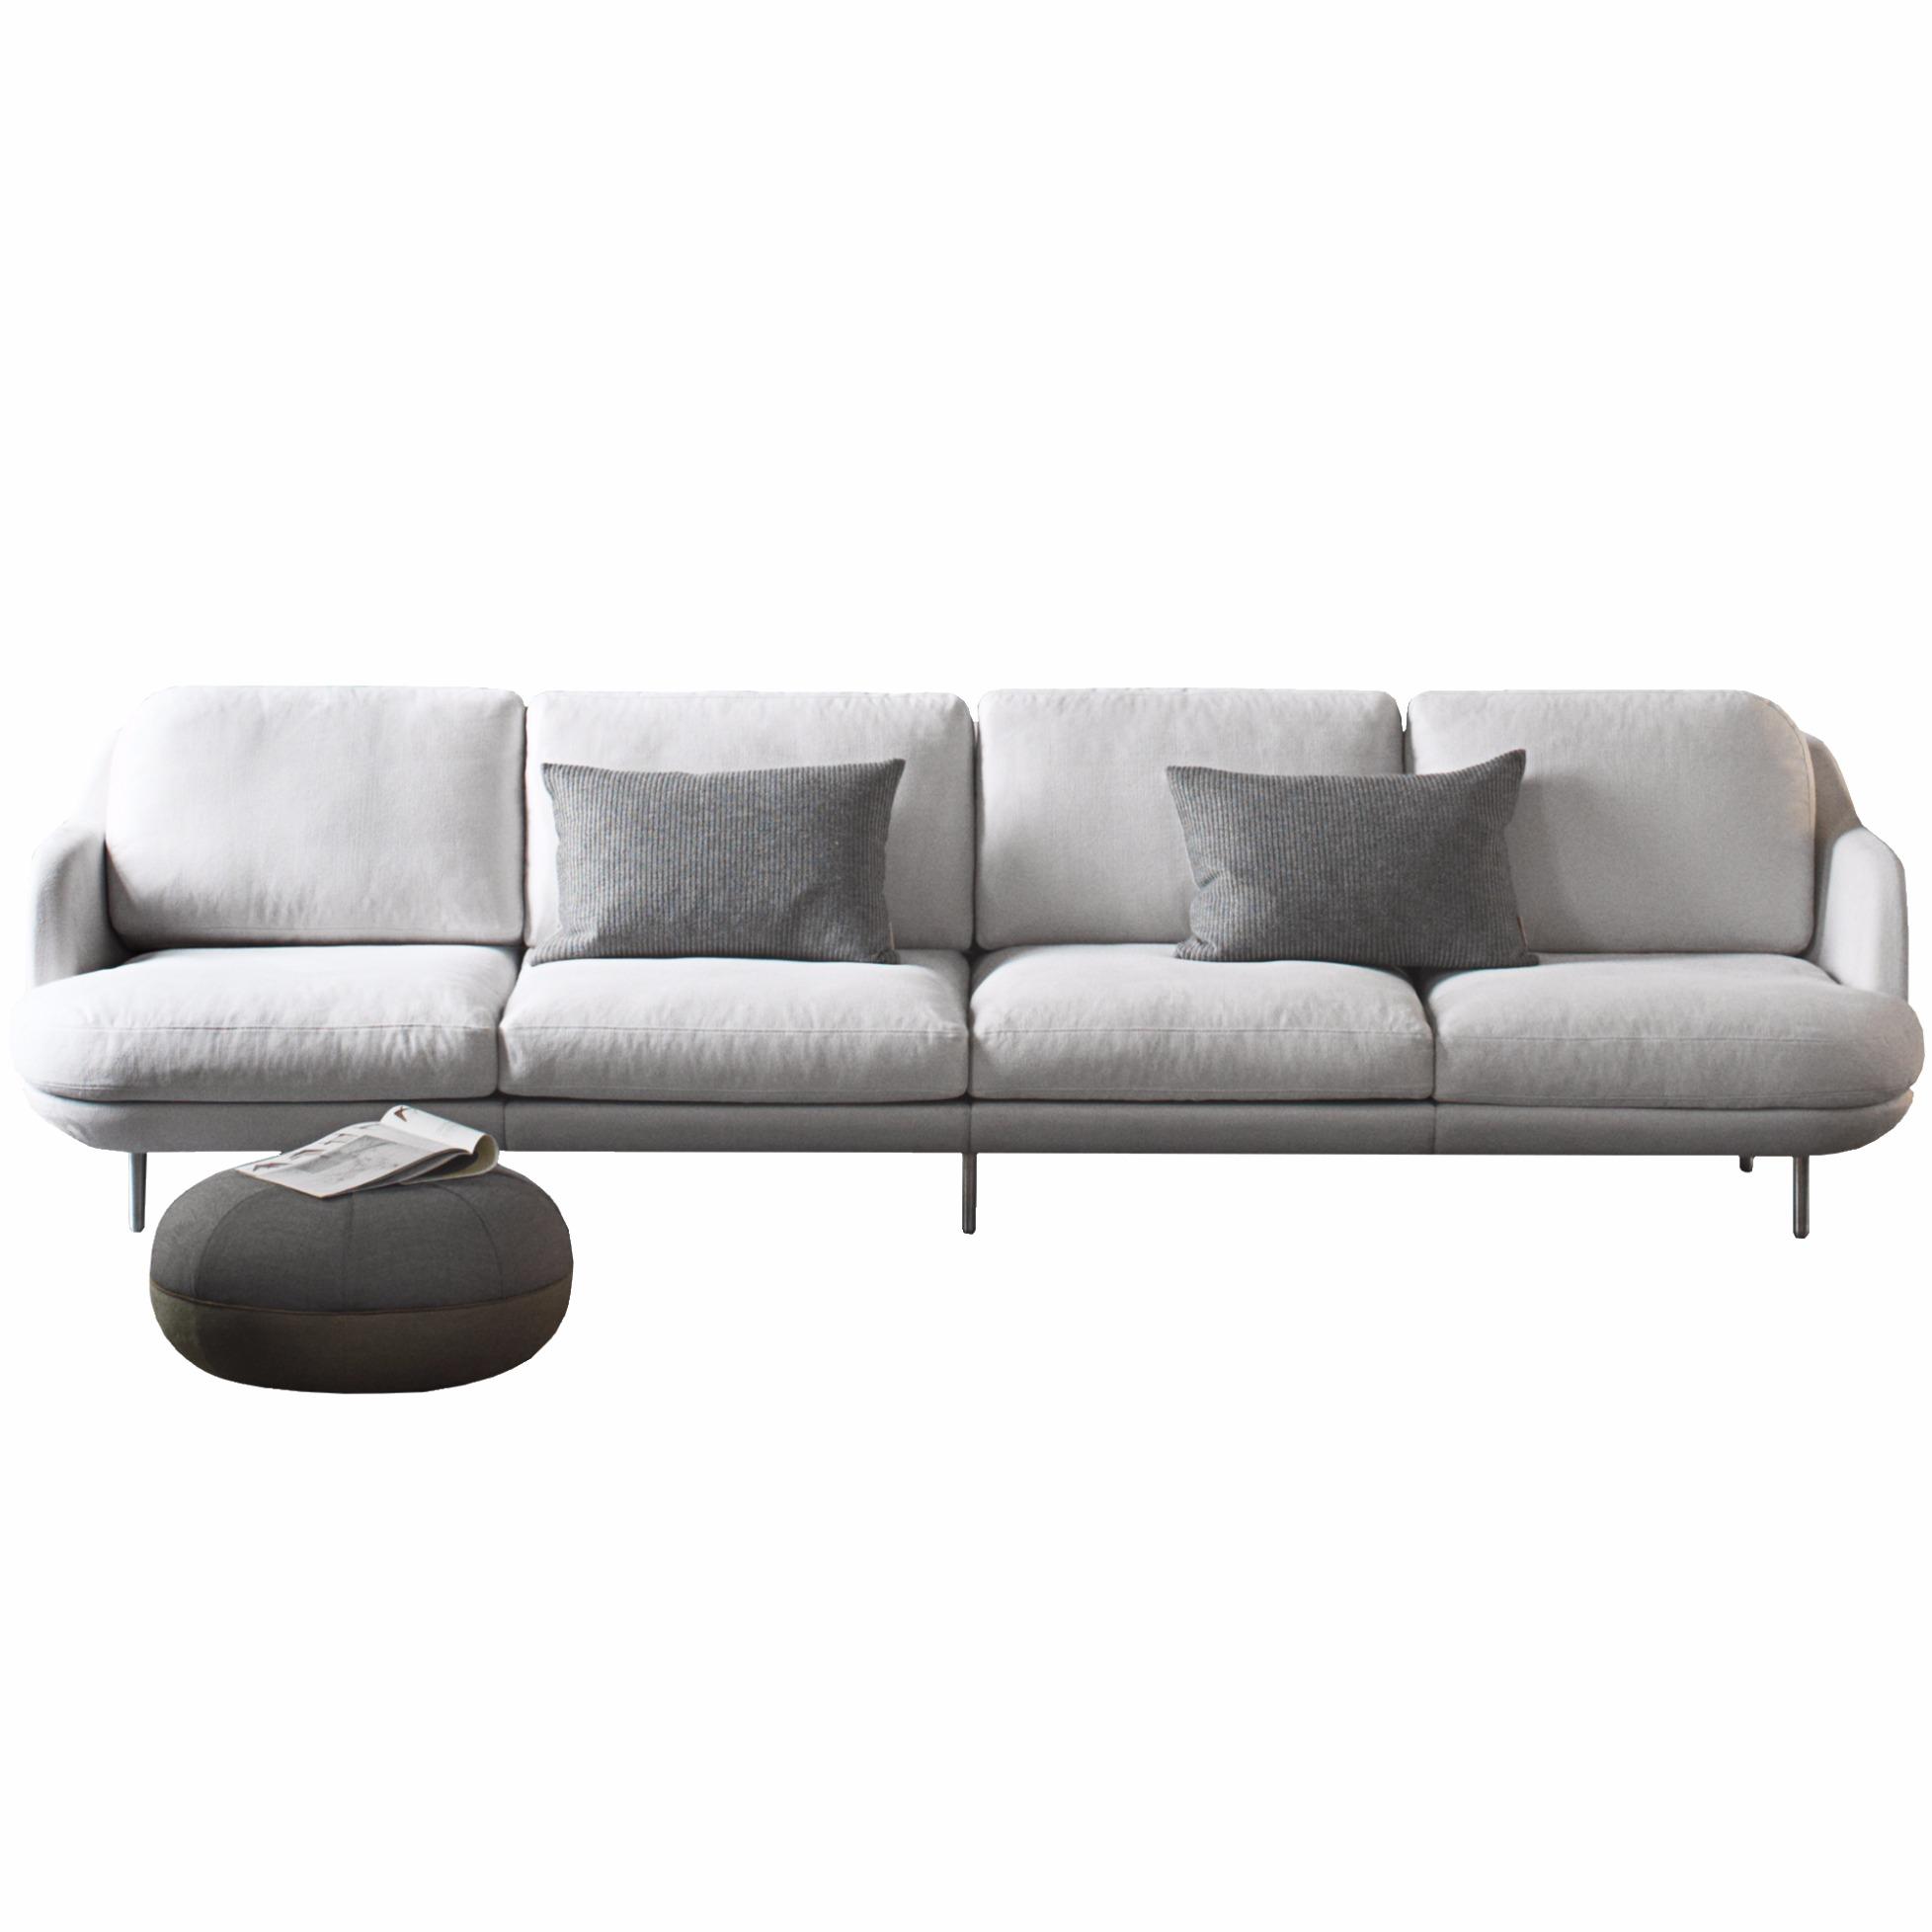 4 sitzer sofa lune von fritz hansen for Sofa 4 sitzer